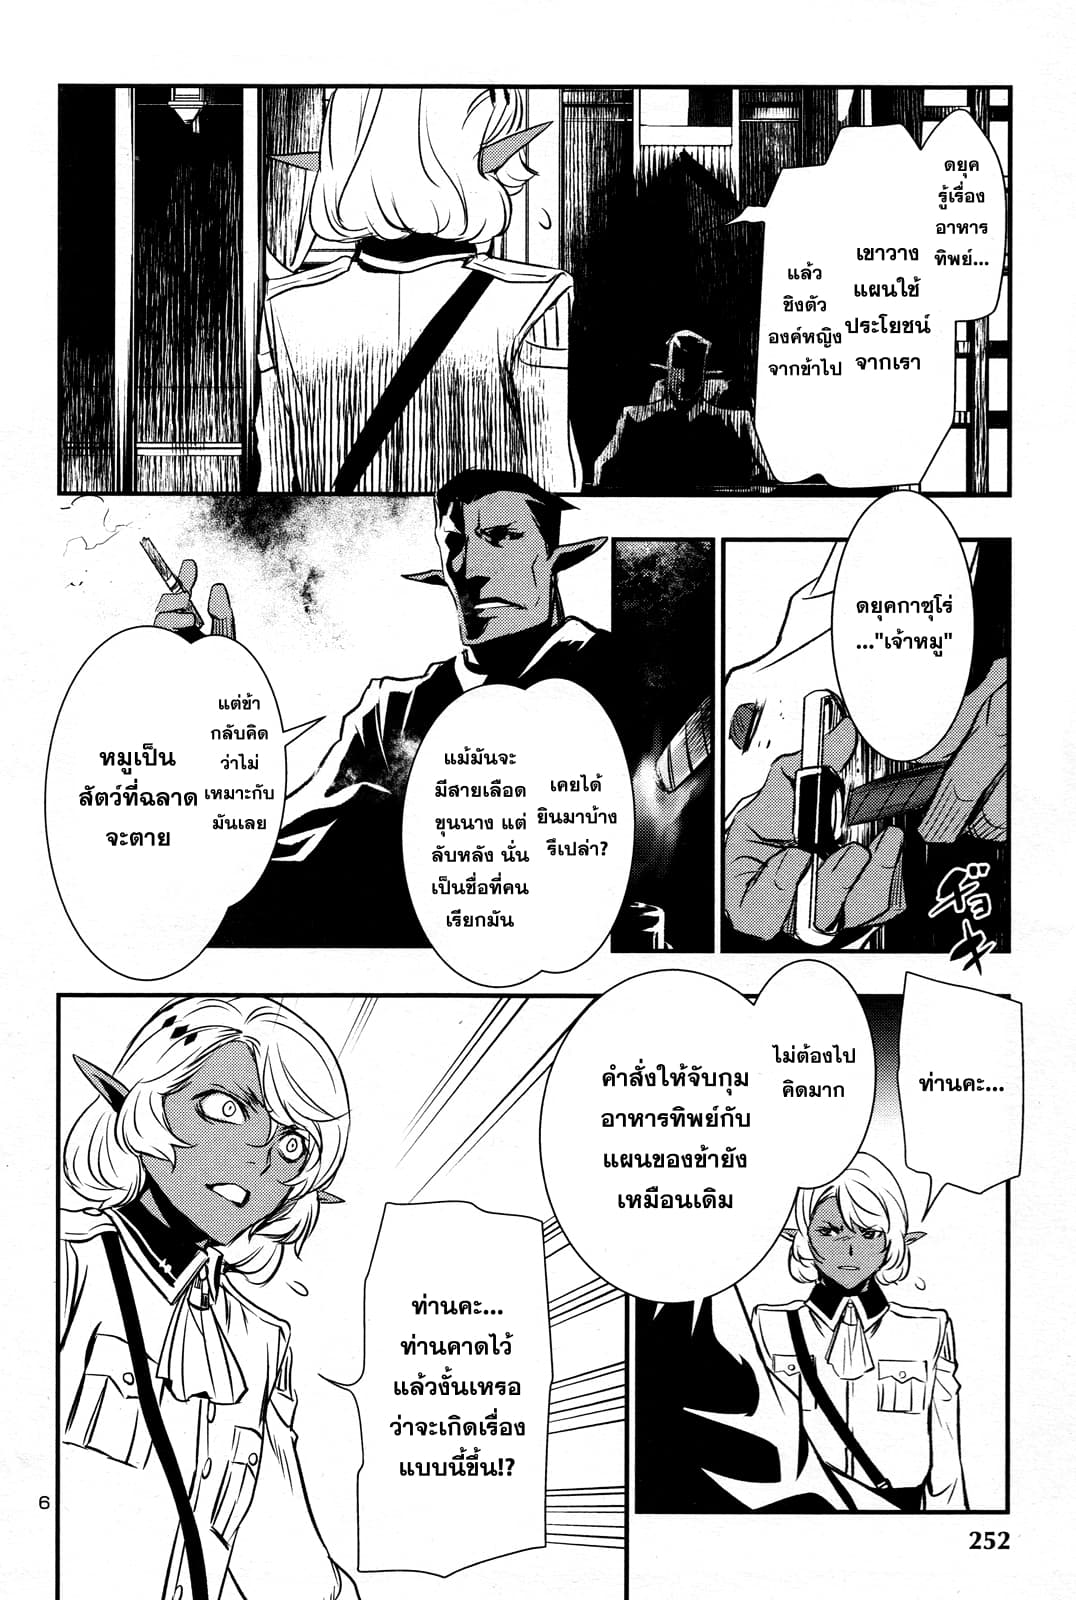 อ่านการ์ตูน Shinju no Nectar ตอนที่ 6 หน้าที่ 6